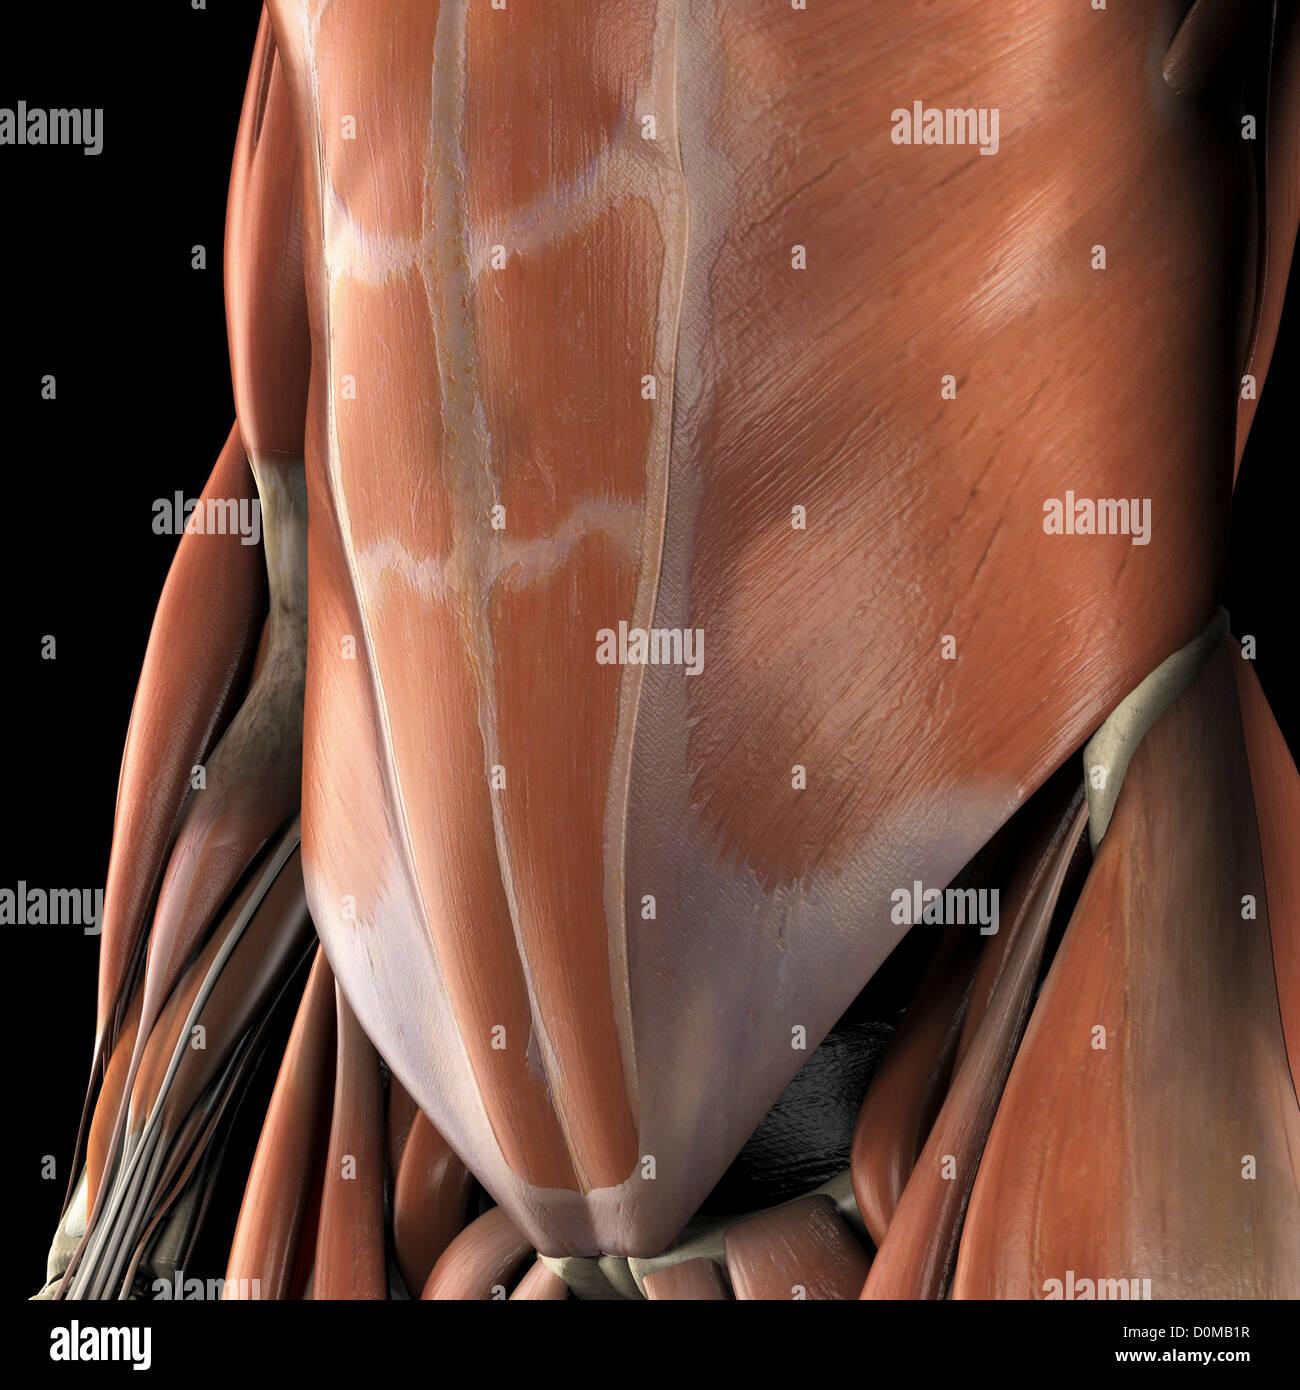 Anatomisches Modell zeigt die unteren Bauchmuskeln Stockfoto, Bild ...